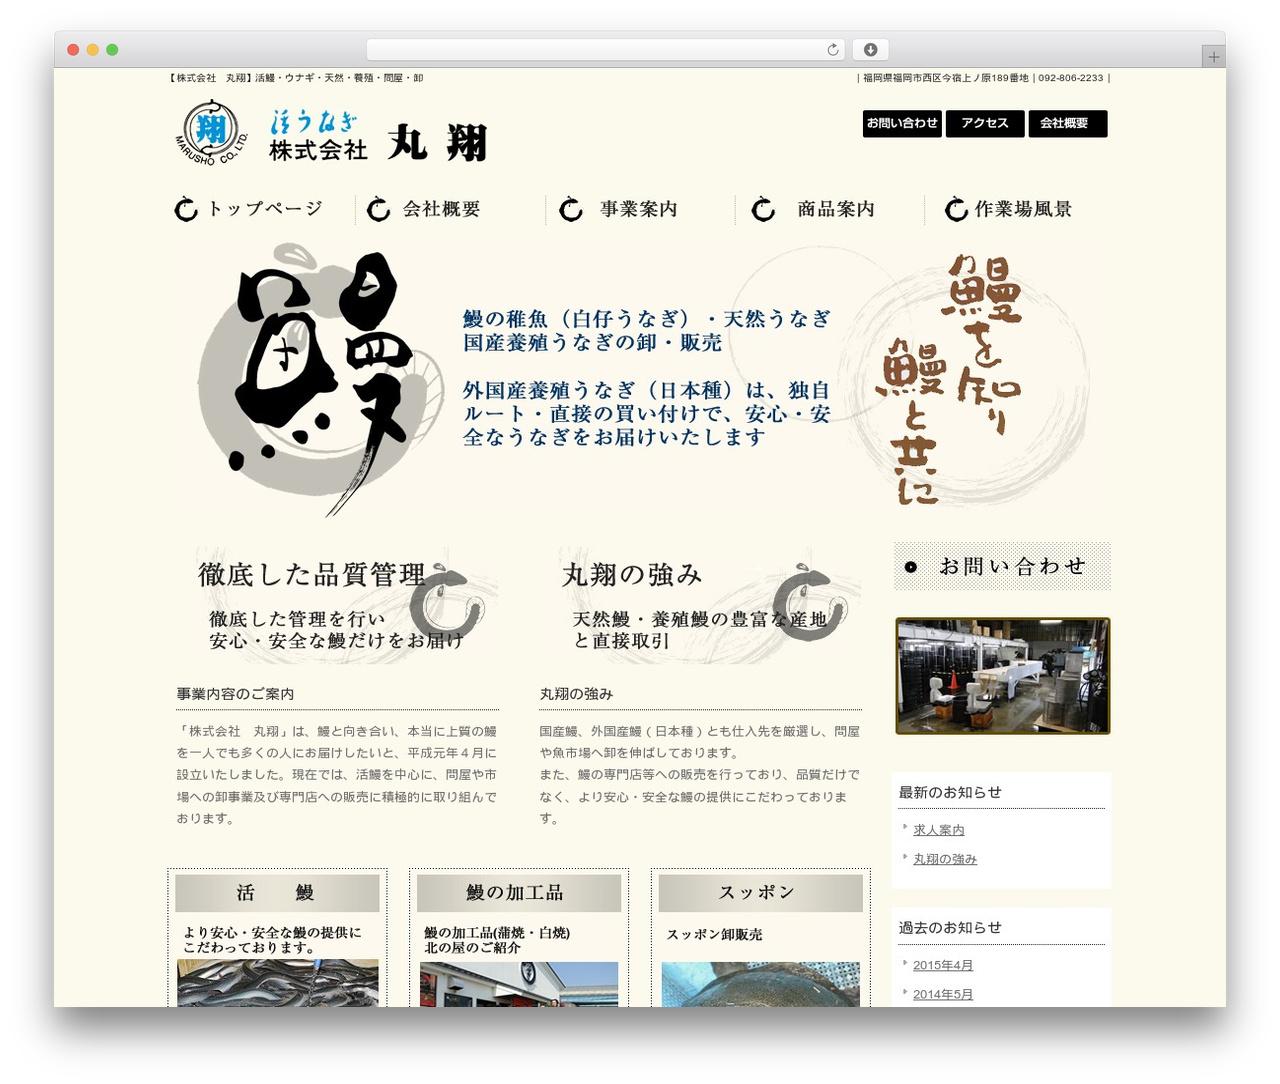 WP theme cloudtpl_579 - unagi-marusho.com